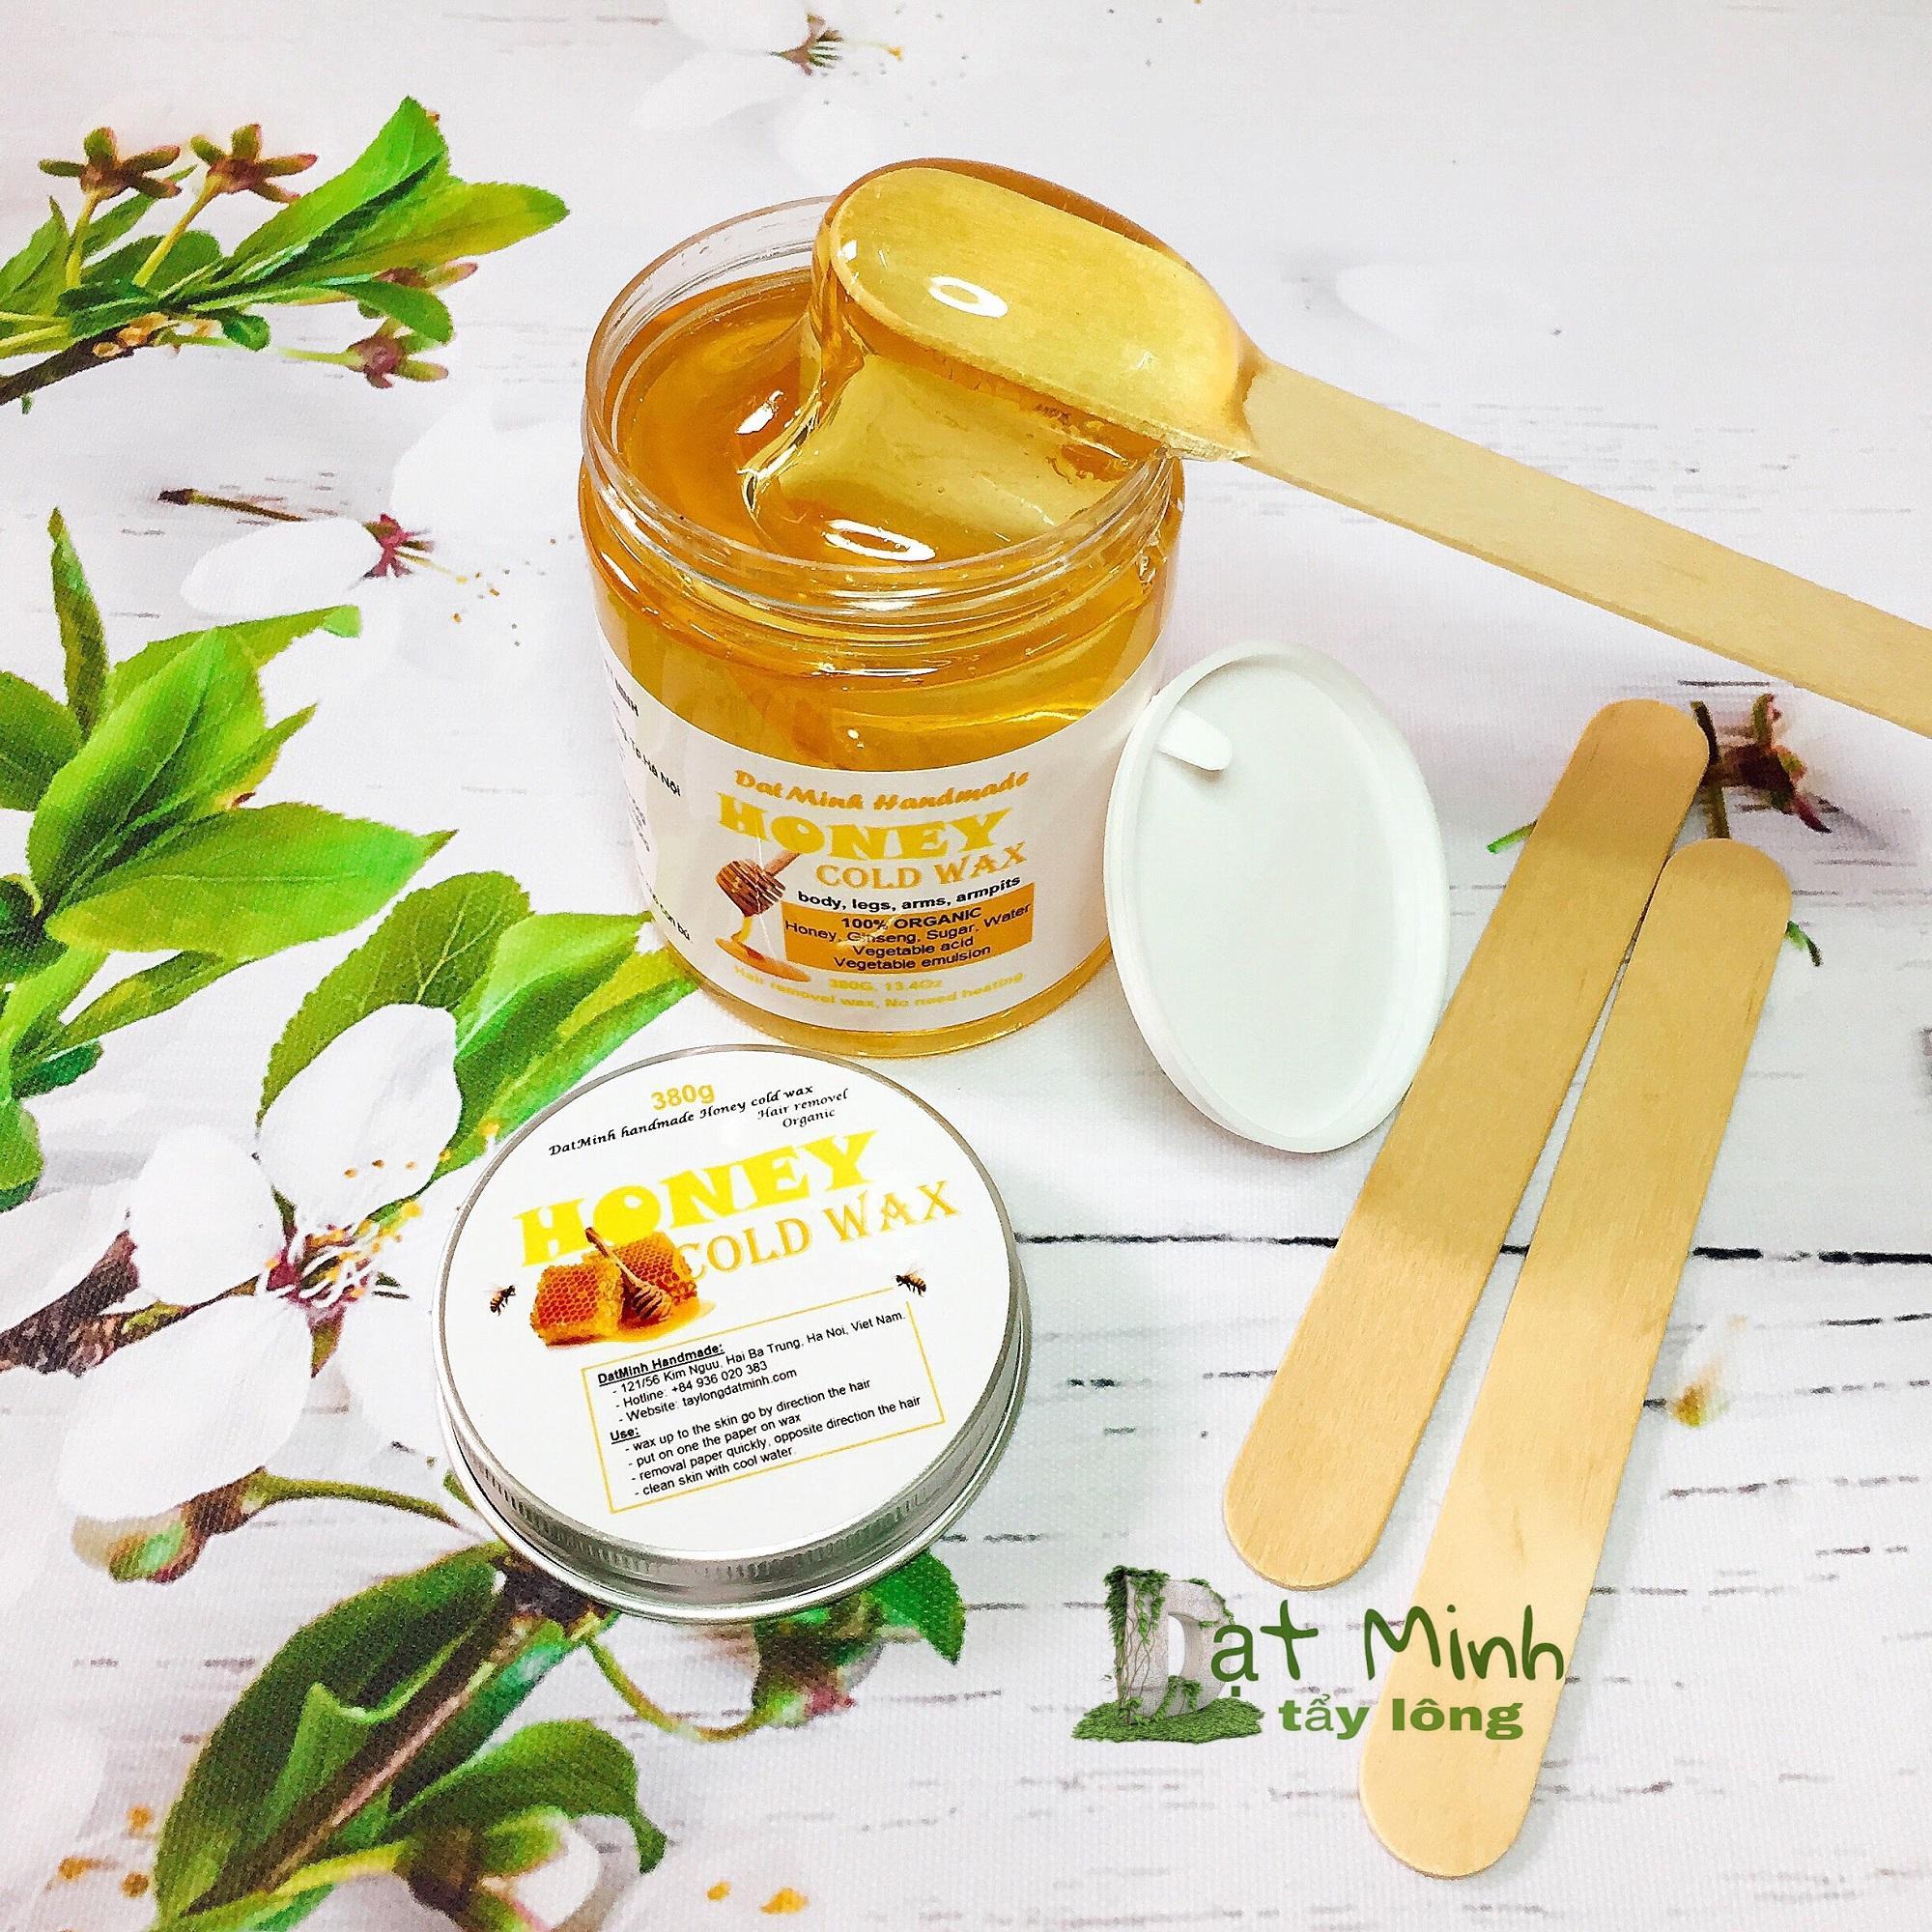 Sáp wax lạnh tẩy lông ĐạtMinh handmade honey cold wax 380G